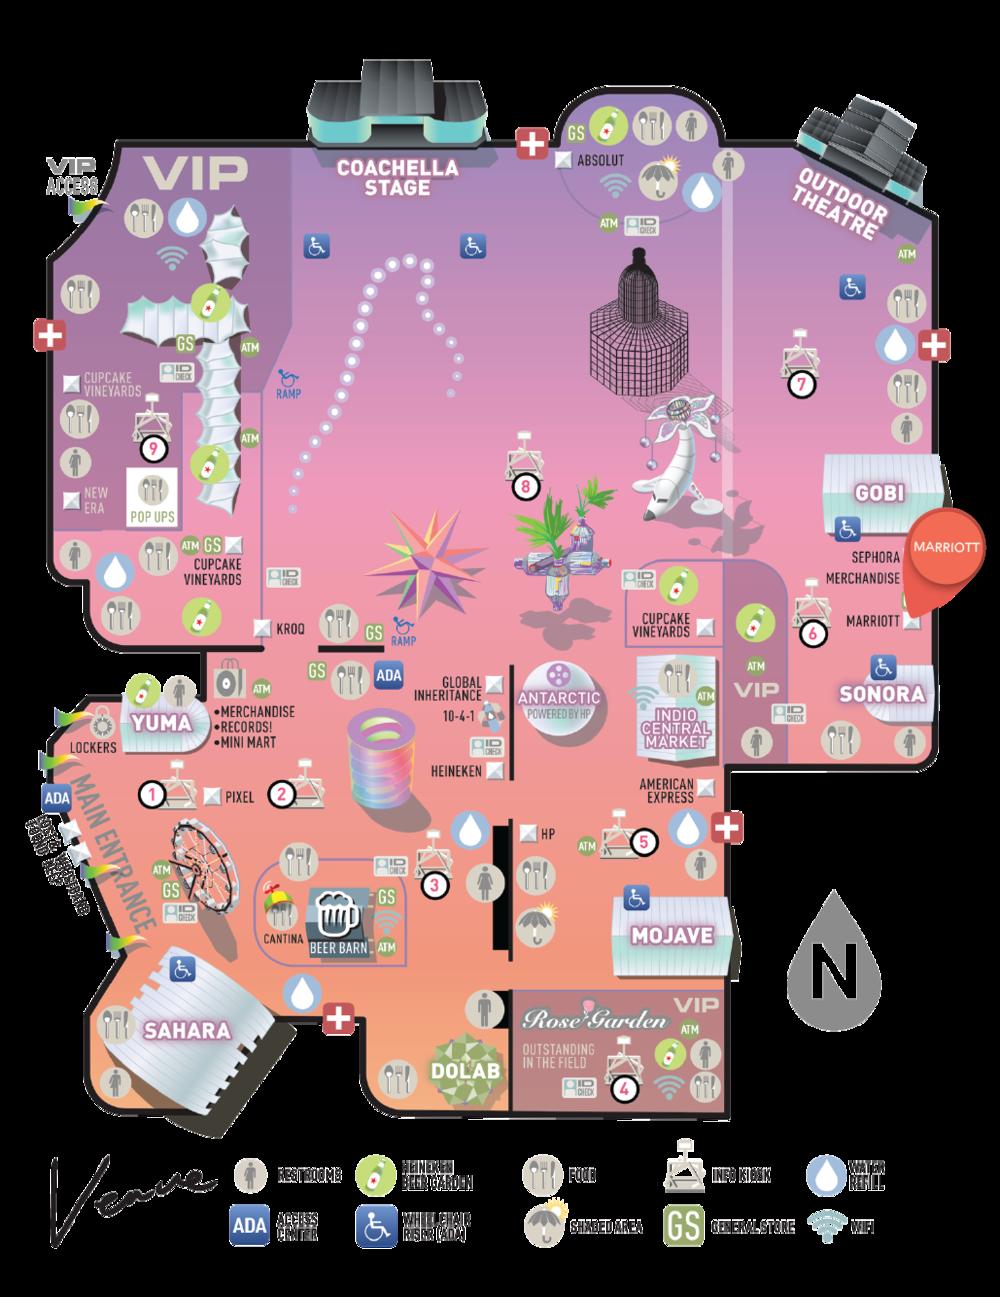 Marriot_venue map.png